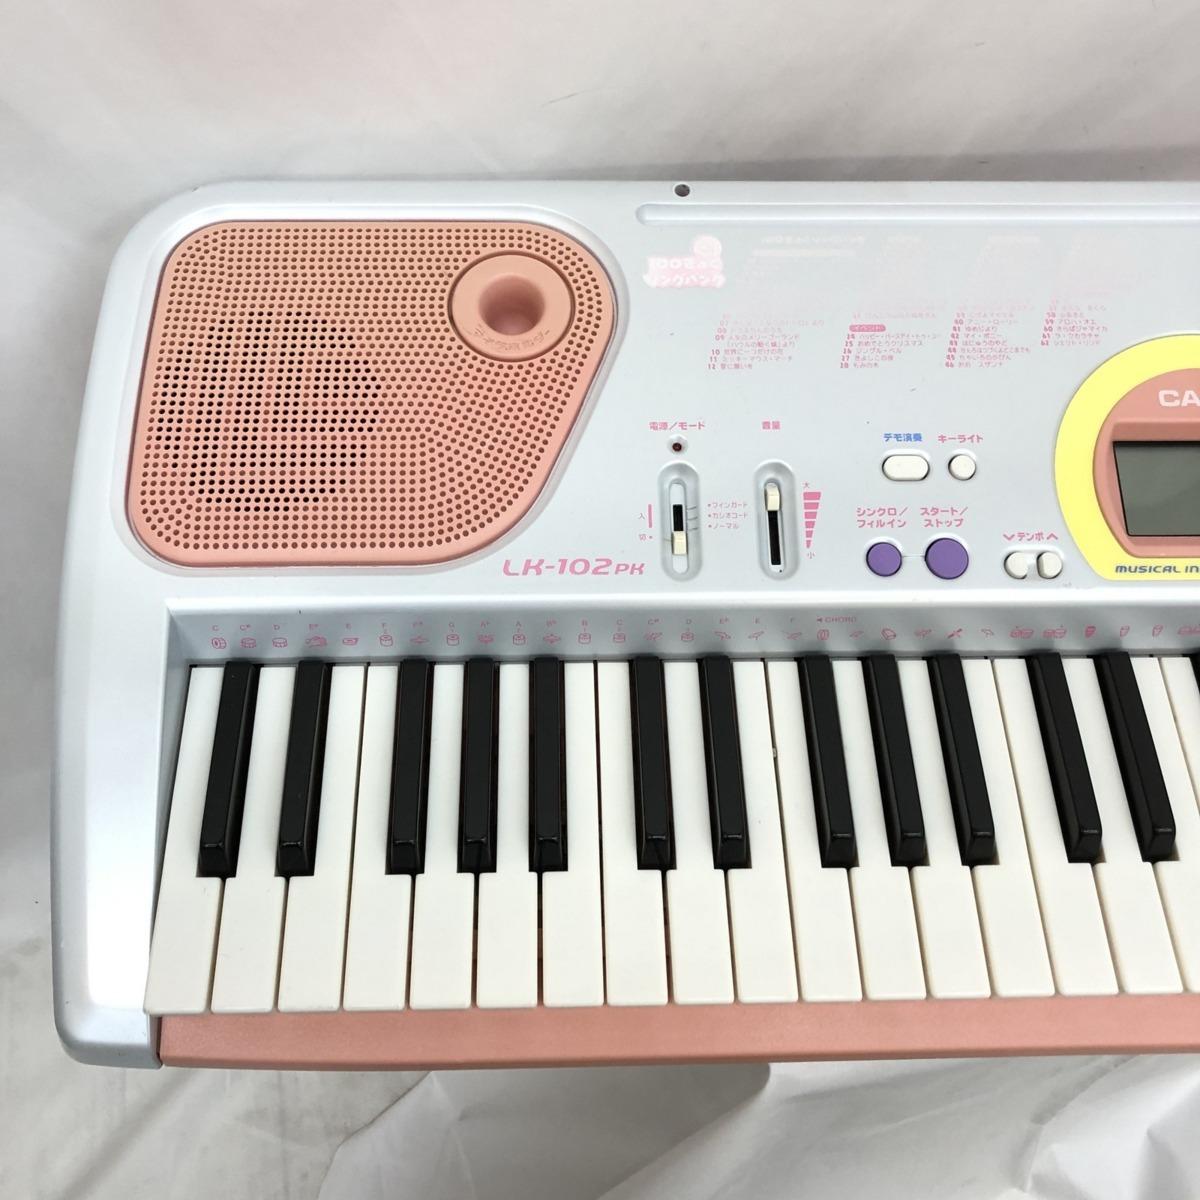 中古 CASIO カシオ 電子キーボード LK-102PK 61鍵盤 光ナビゲーション シルバー ピンク系 ポップカラー 電子ピアノ H15209_画像4